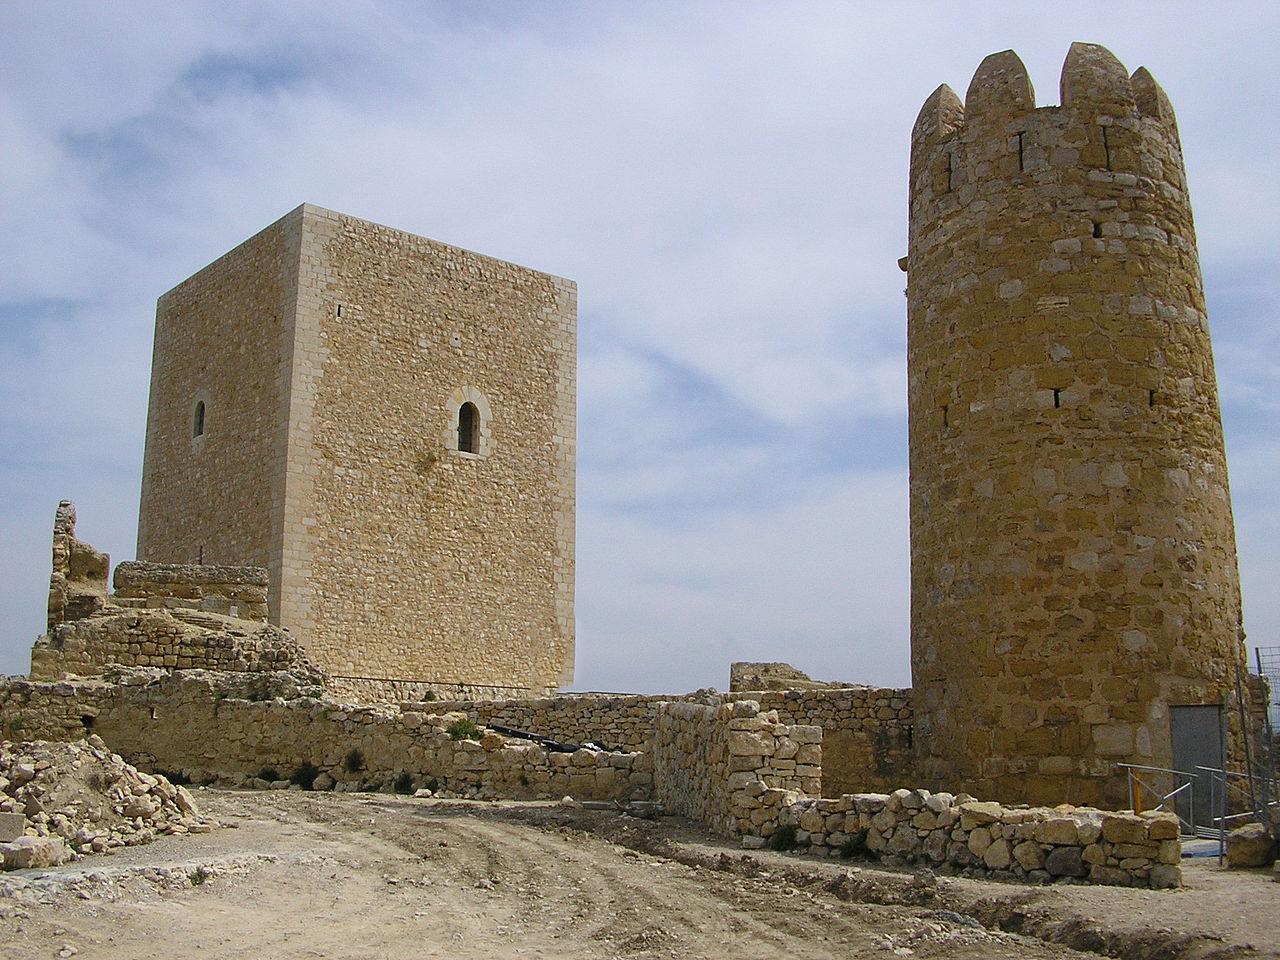 L'Estat aportarà 96.923 euros per a la nova fase de restauració del Castell d'Ulldecona